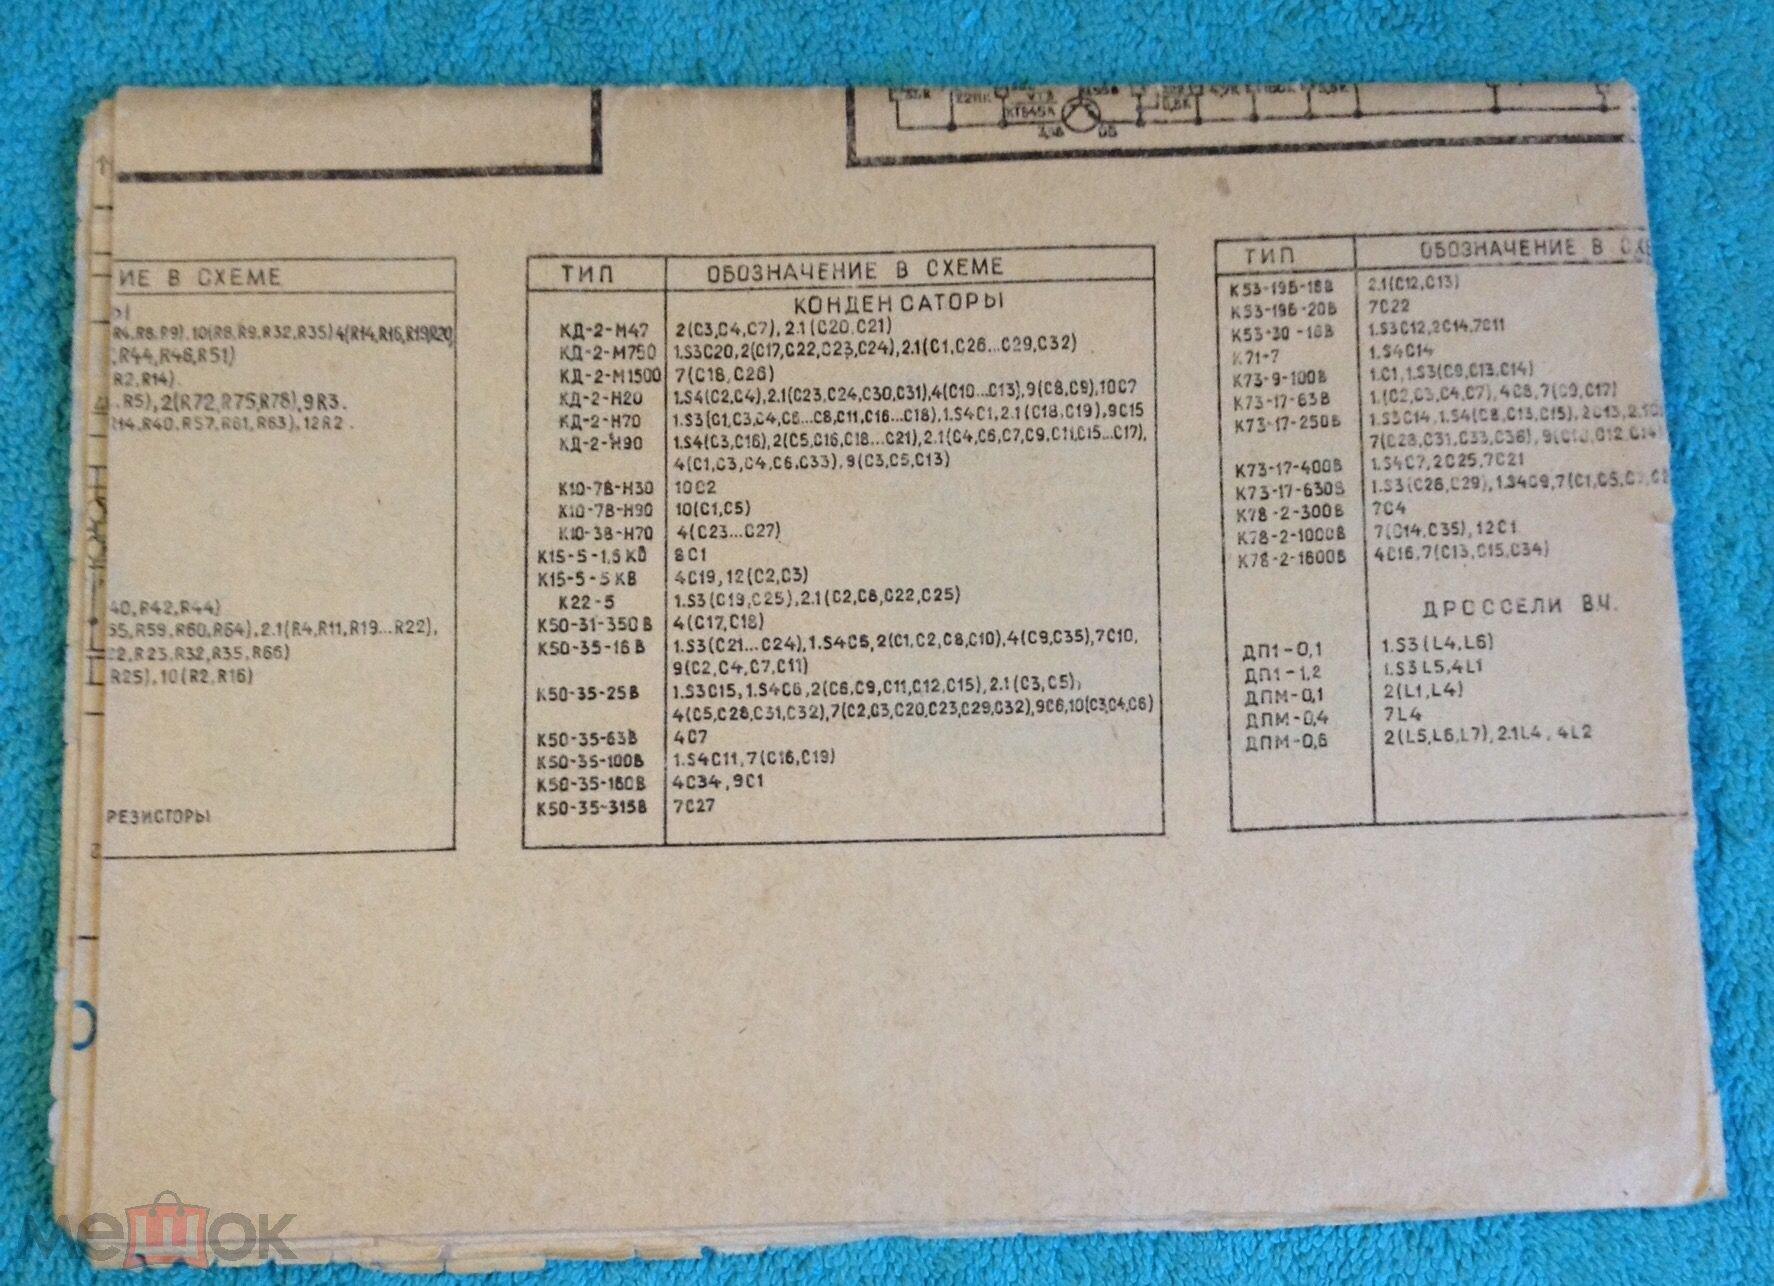 Схему принципиальную телевизора рекорд вц-381